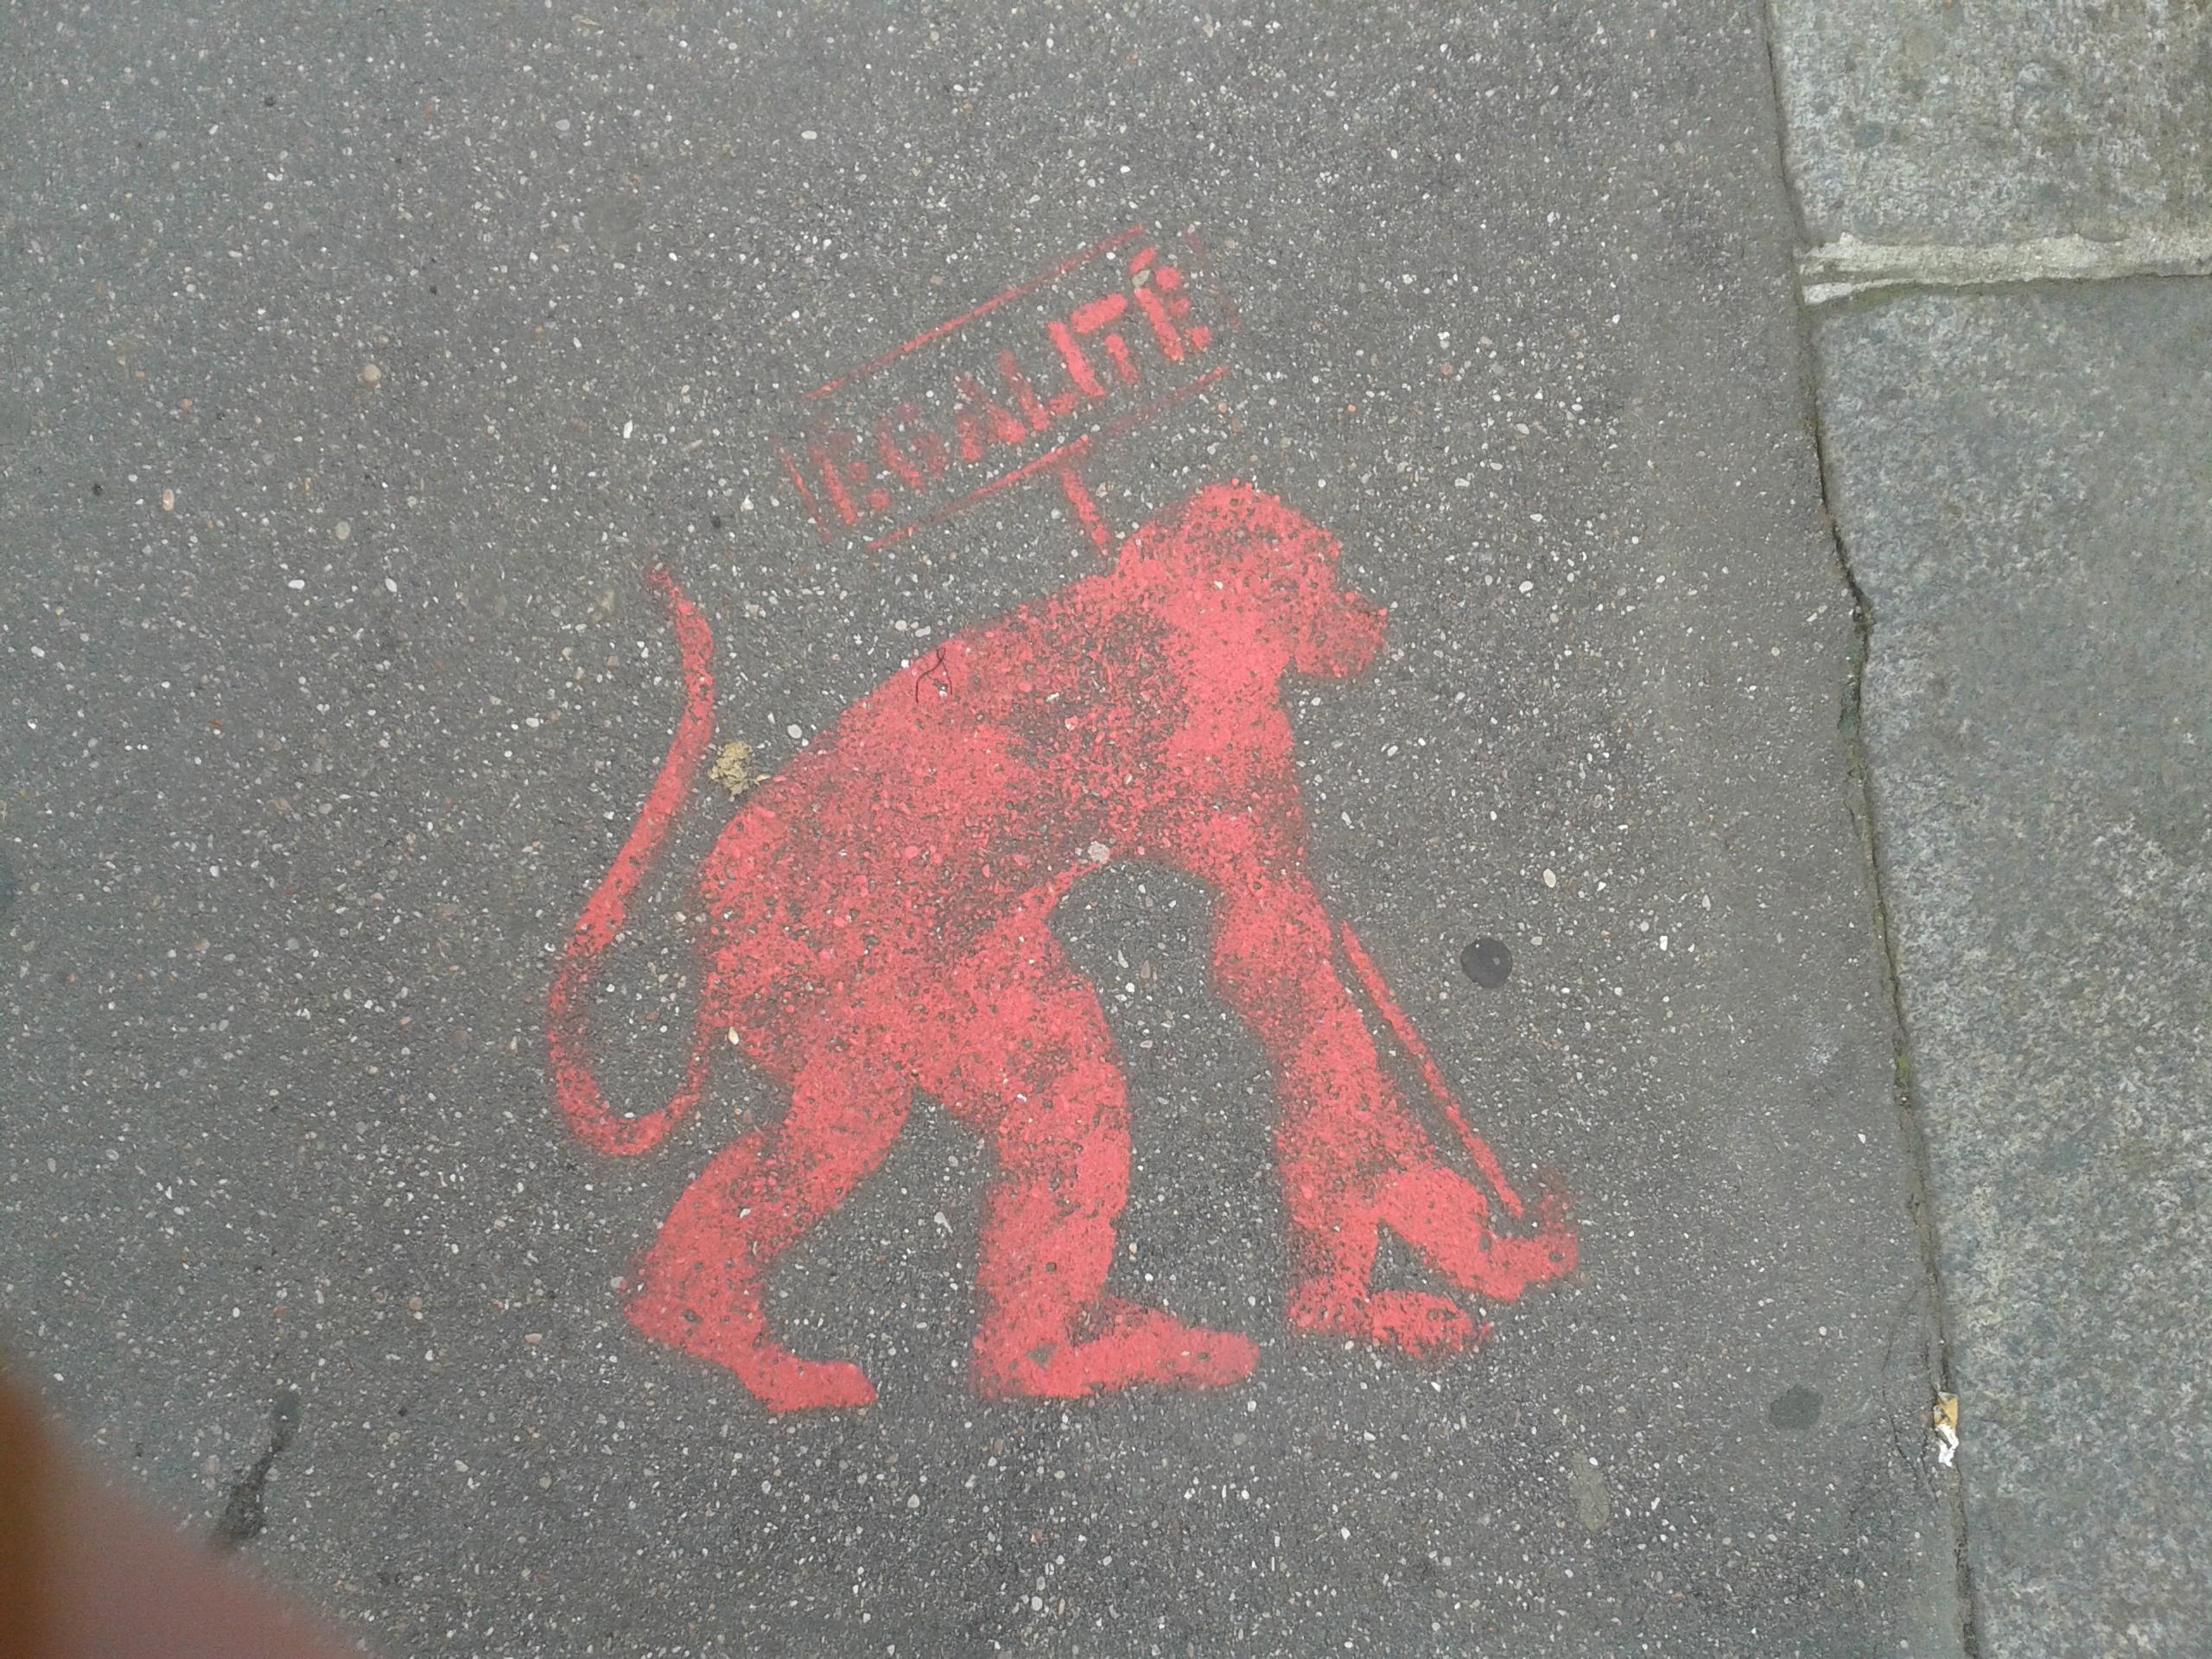 Photo d'un graffiti des pro-mariage-pour-tous défendant l'égalité, et représentant un singe